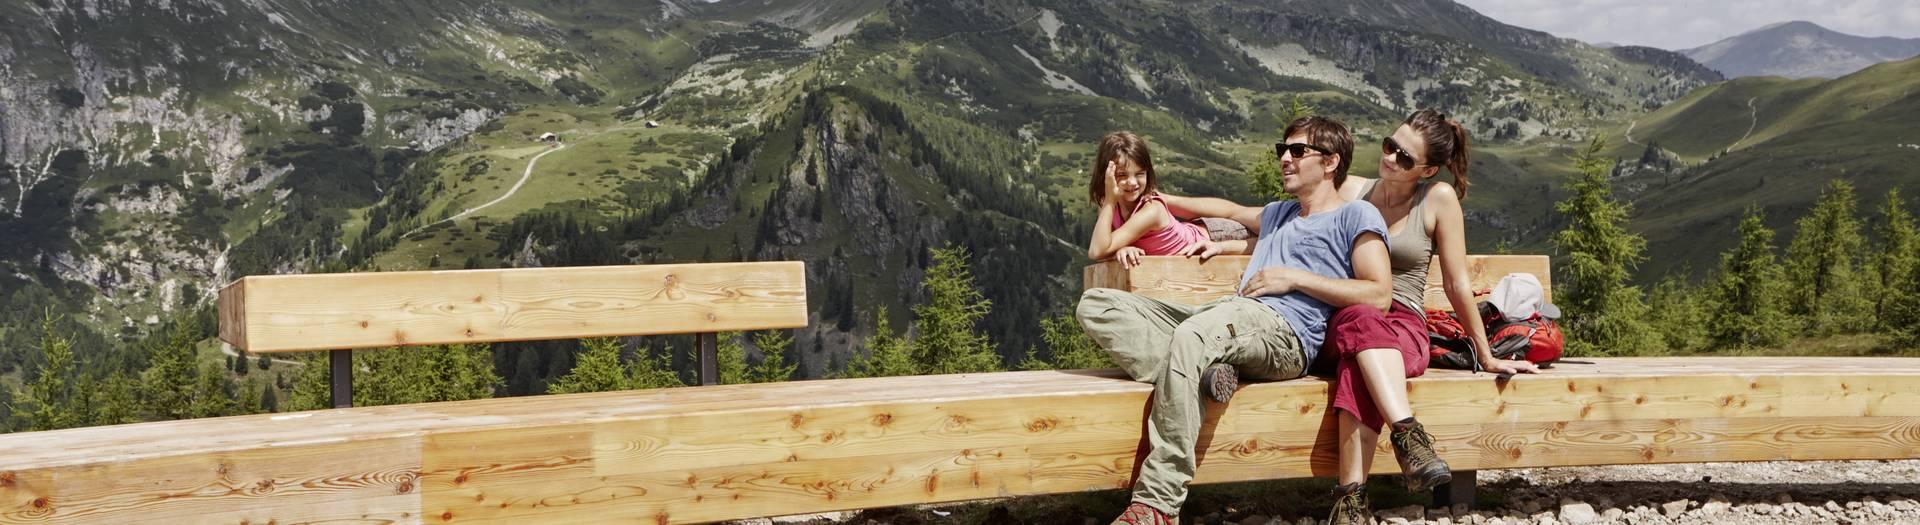 Wandern und Nock Art in der Region Bad Kleinkirchheim